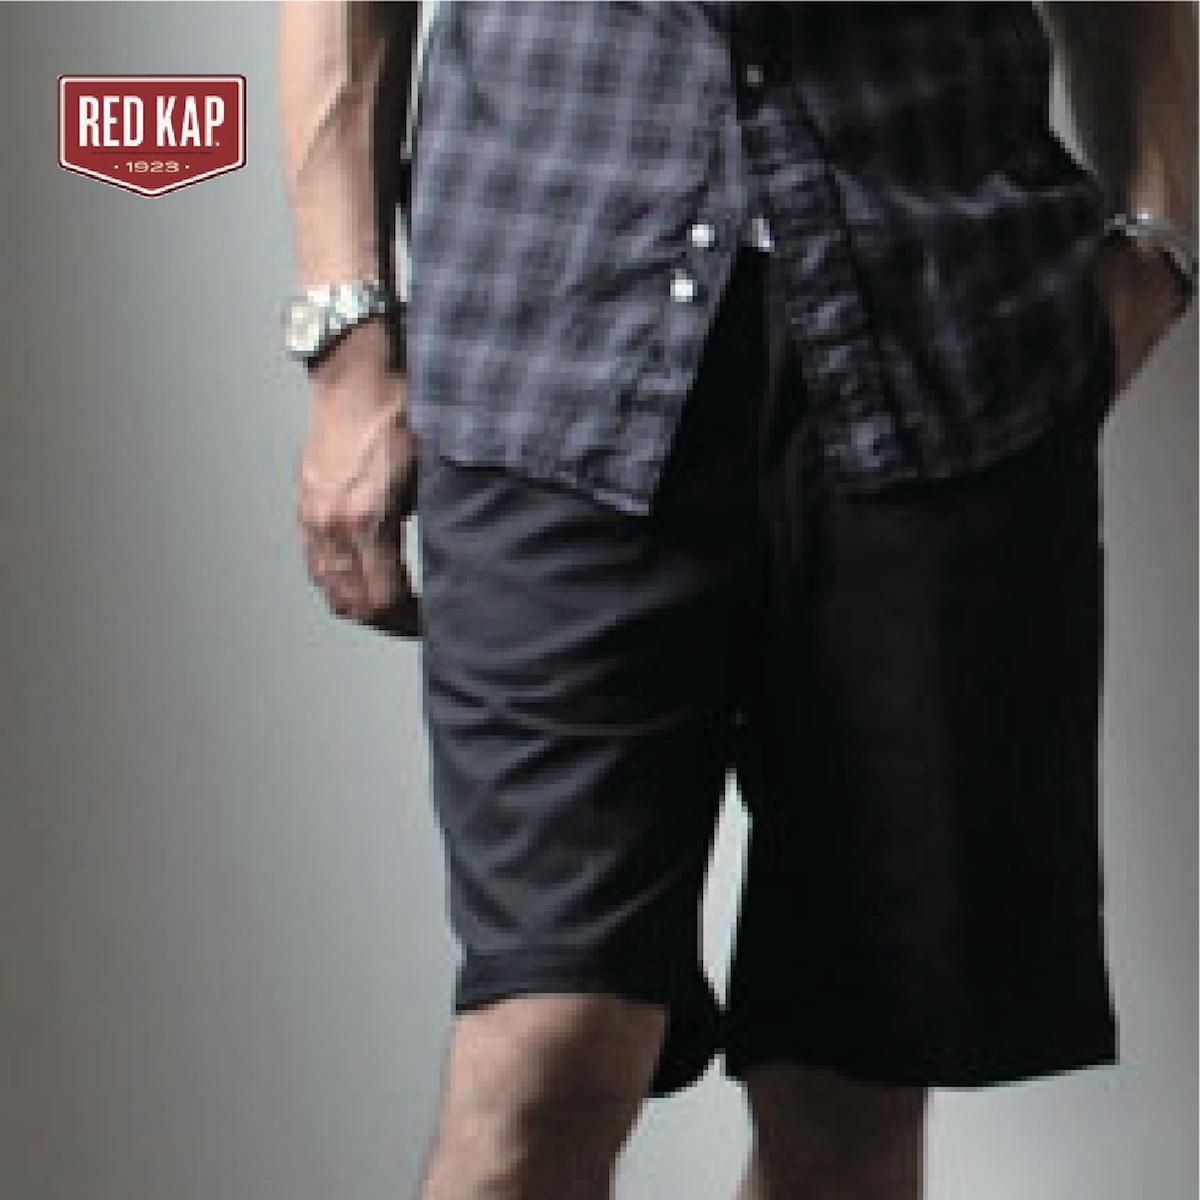 【全品10%OFFクーポン配布中 12/26 2時迄】RED KAP レッドカップ #PC26 ショートパンツ 全3色 【楽ギフ_メッセ】